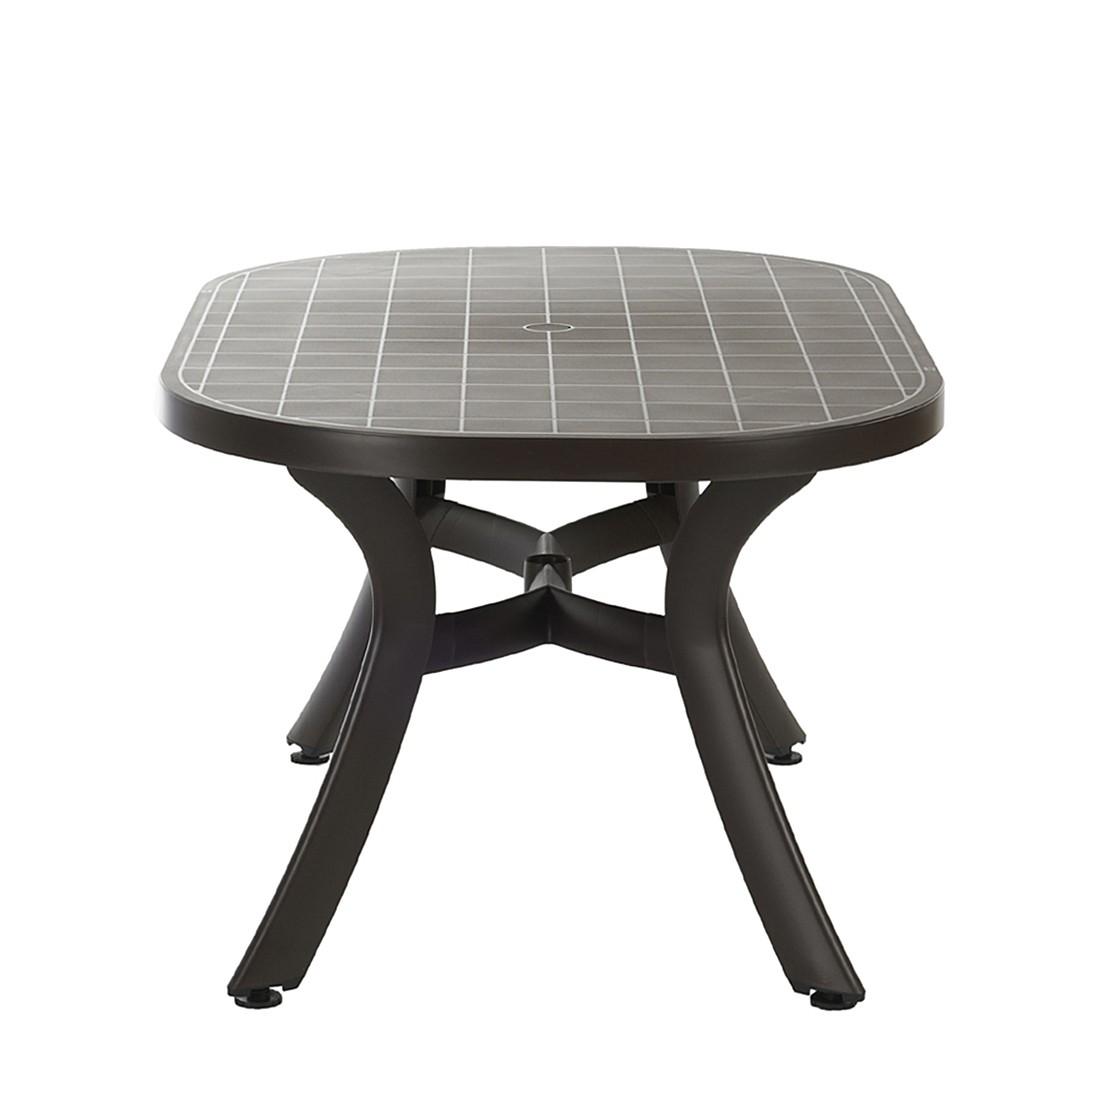 gartentisch plastik amazing affordable gartentisch blau. Black Bedroom Furniture Sets. Home Design Ideas